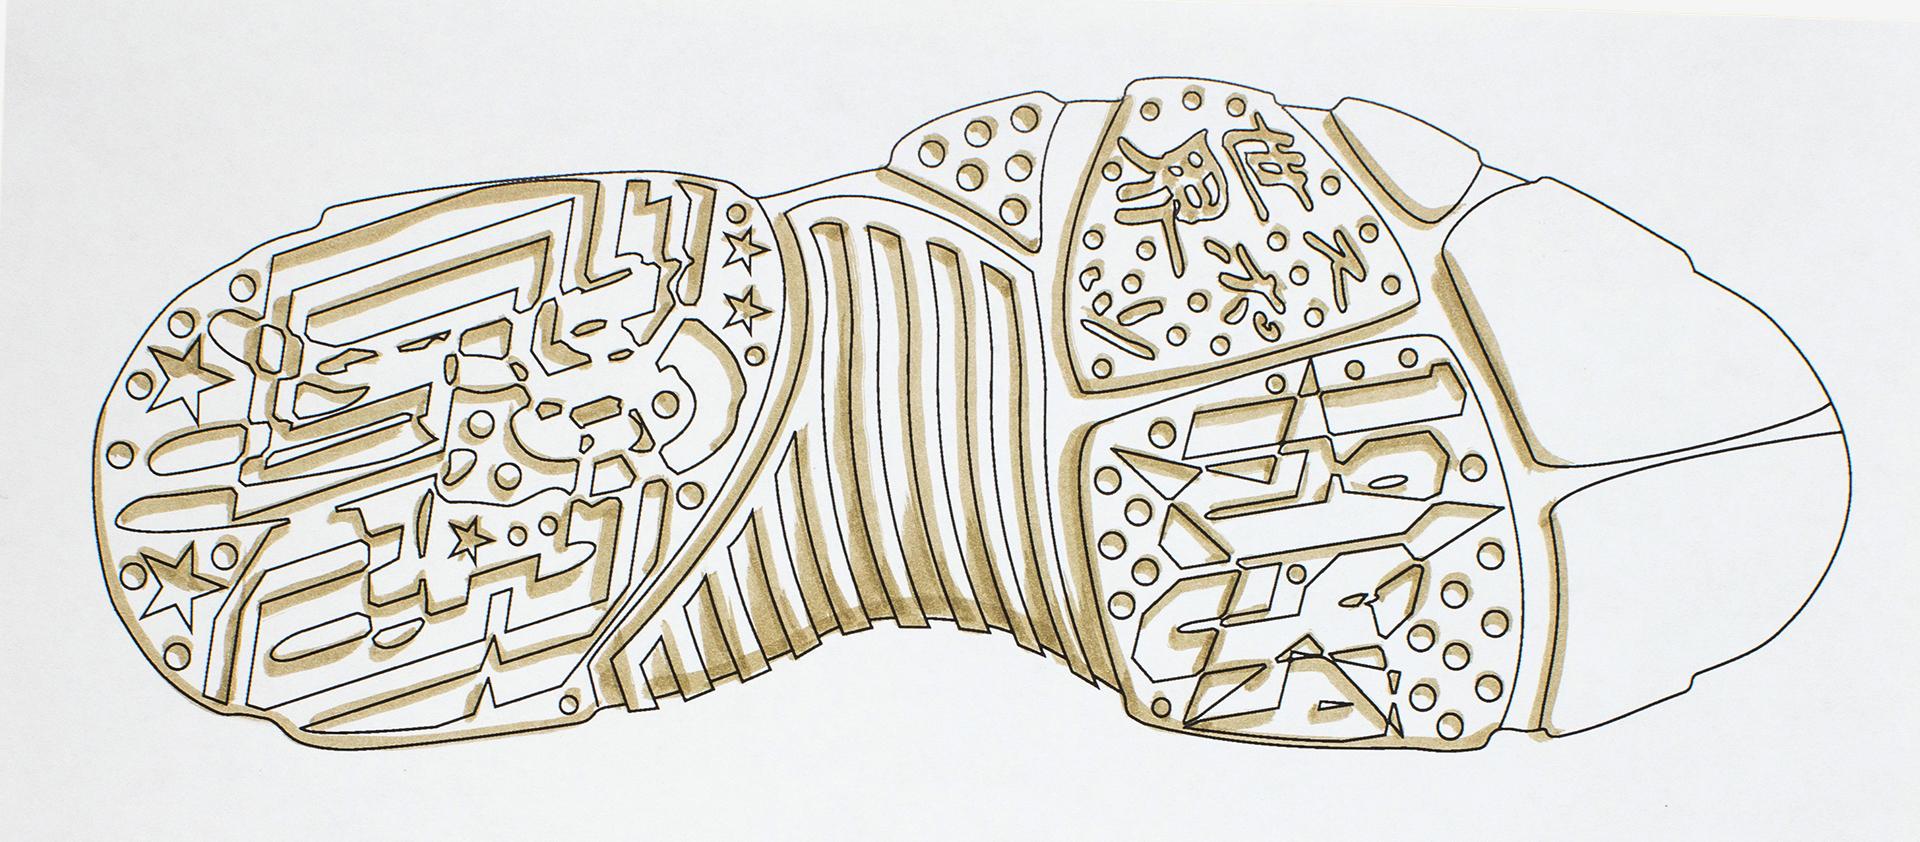 Air Jordan 9 Design Sketch 3